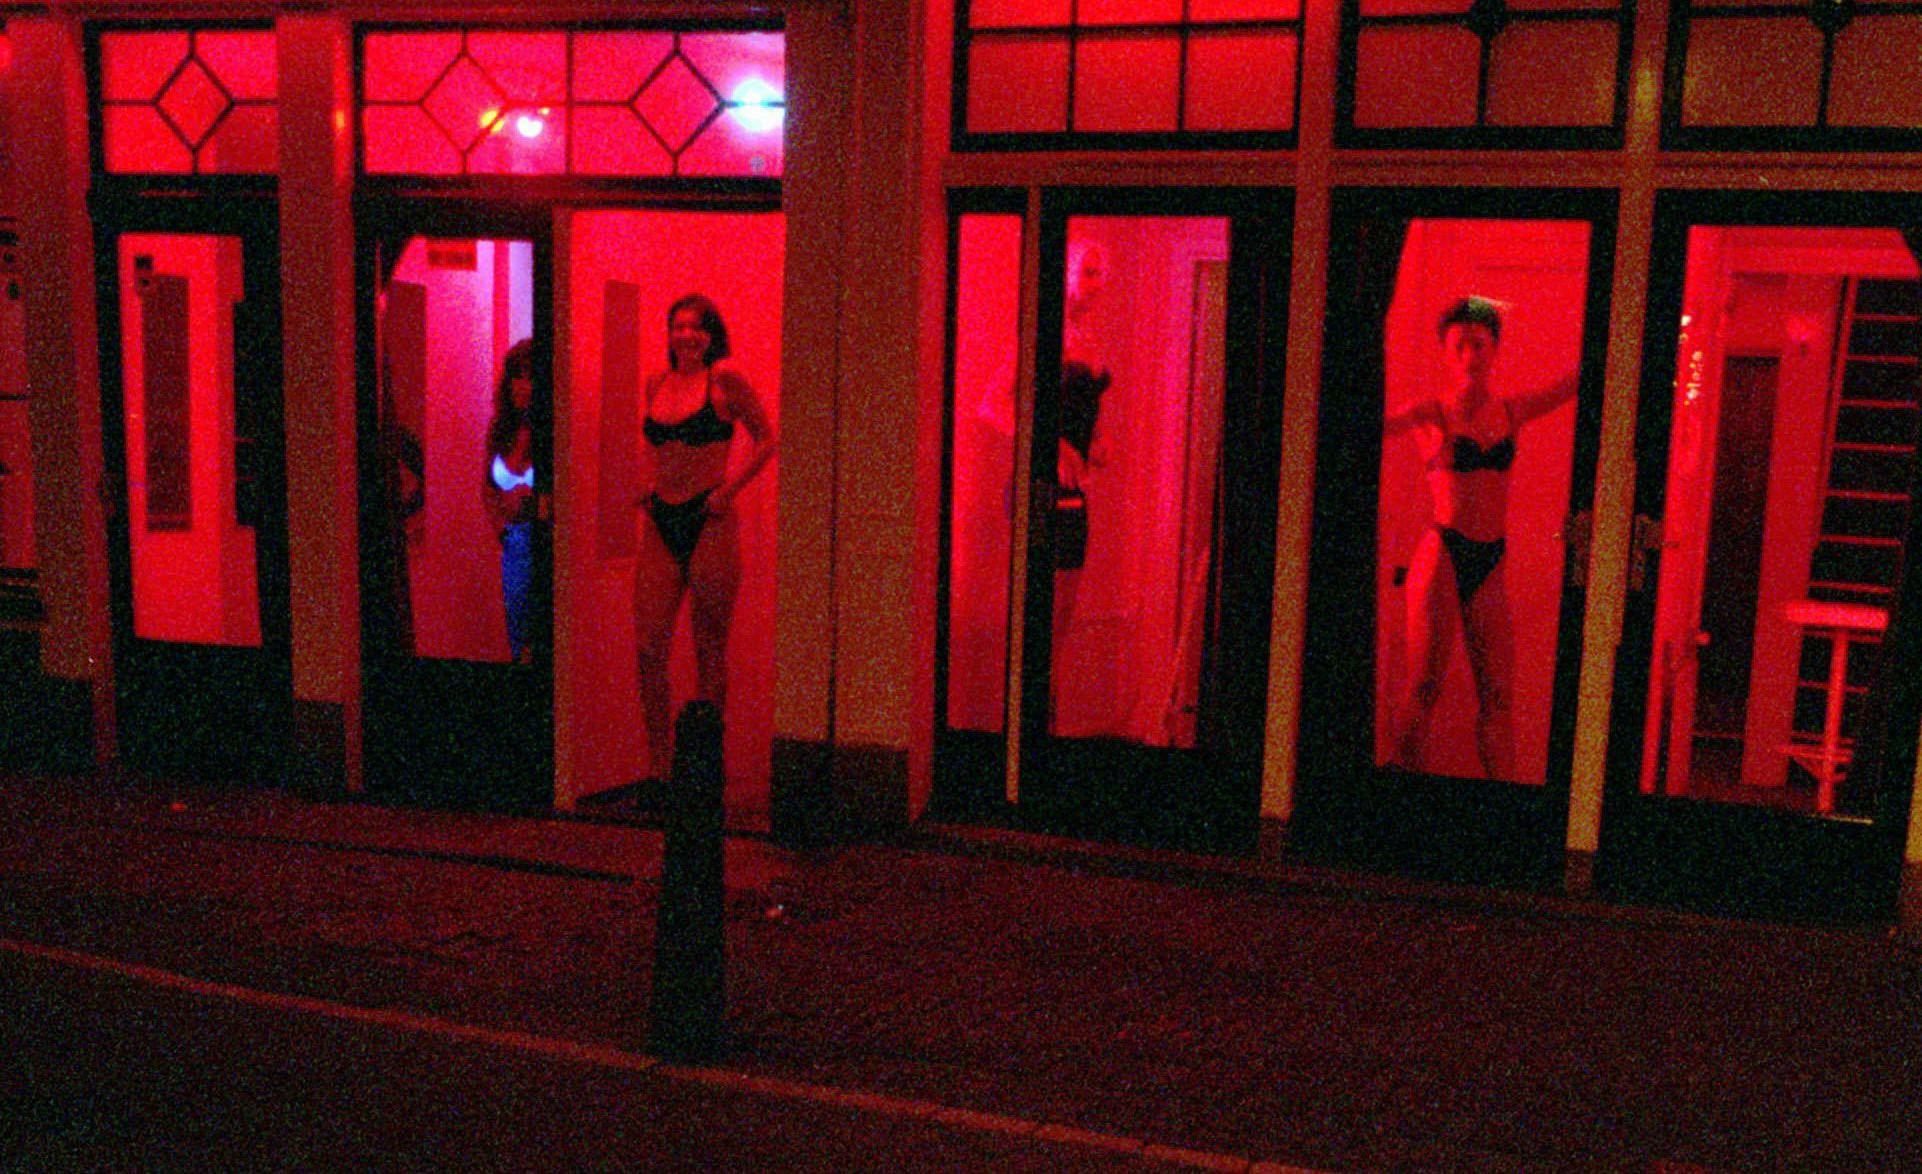 Phố đèn đỏ nổi tiếng nhất thế giới: 2 cô đào từng phục vụ hơn 300 ngàn đàn ông và bí mật luôn gây tò mò ẩn sau mỗi ô cửa màu đỏ quyến rũ - Ảnh 14.